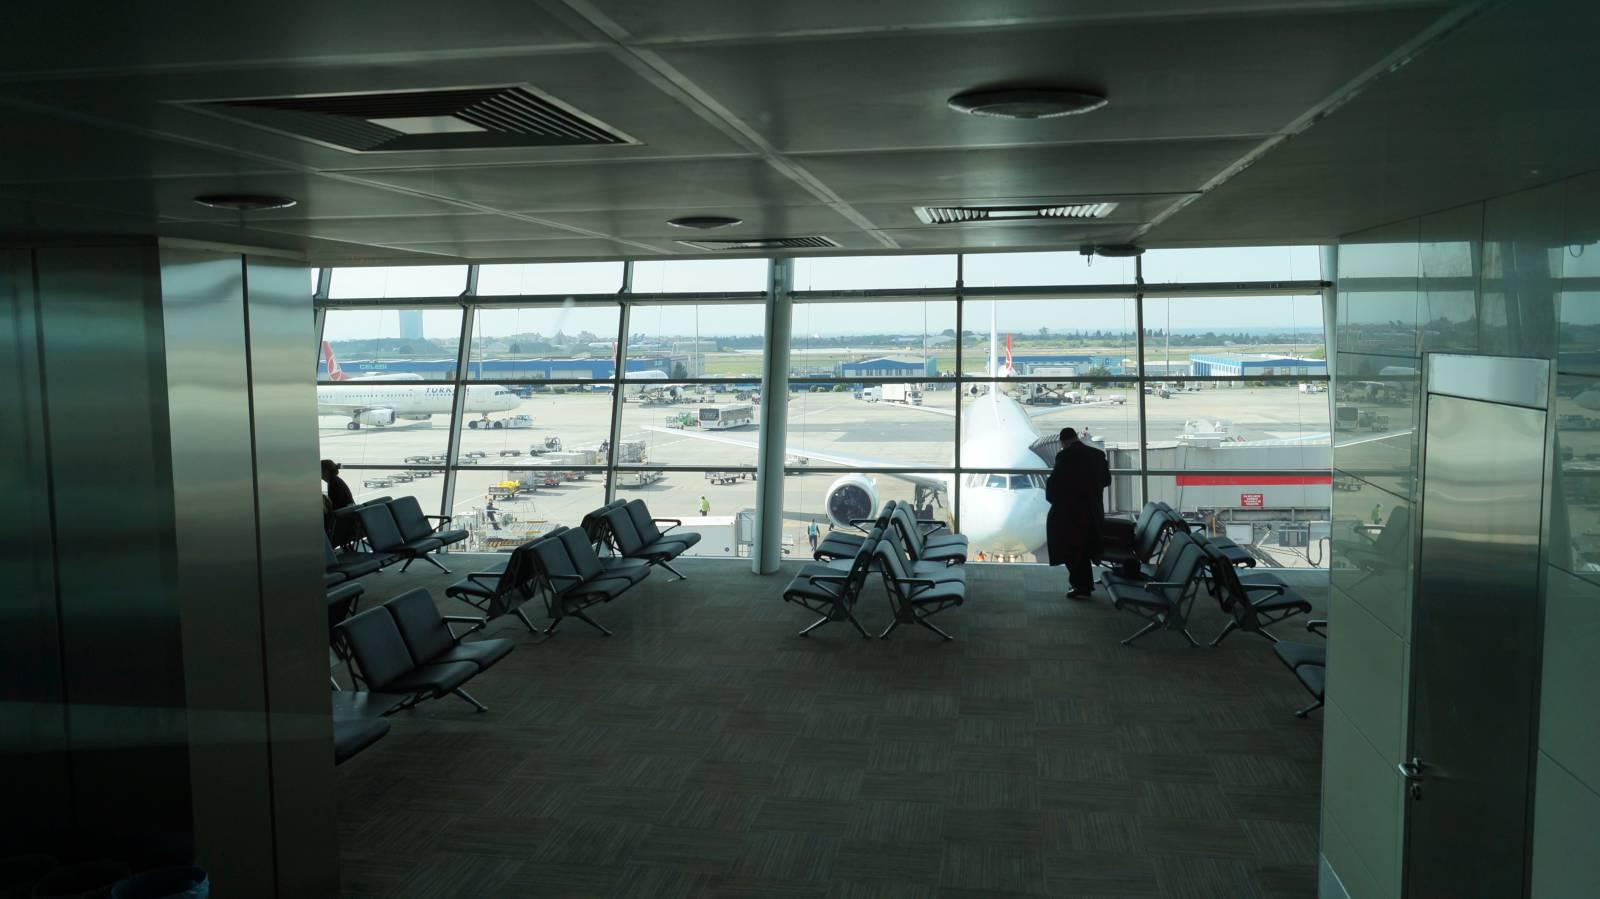 Зал ожидания в аэропорту имени Ататюрка в Стамбуле